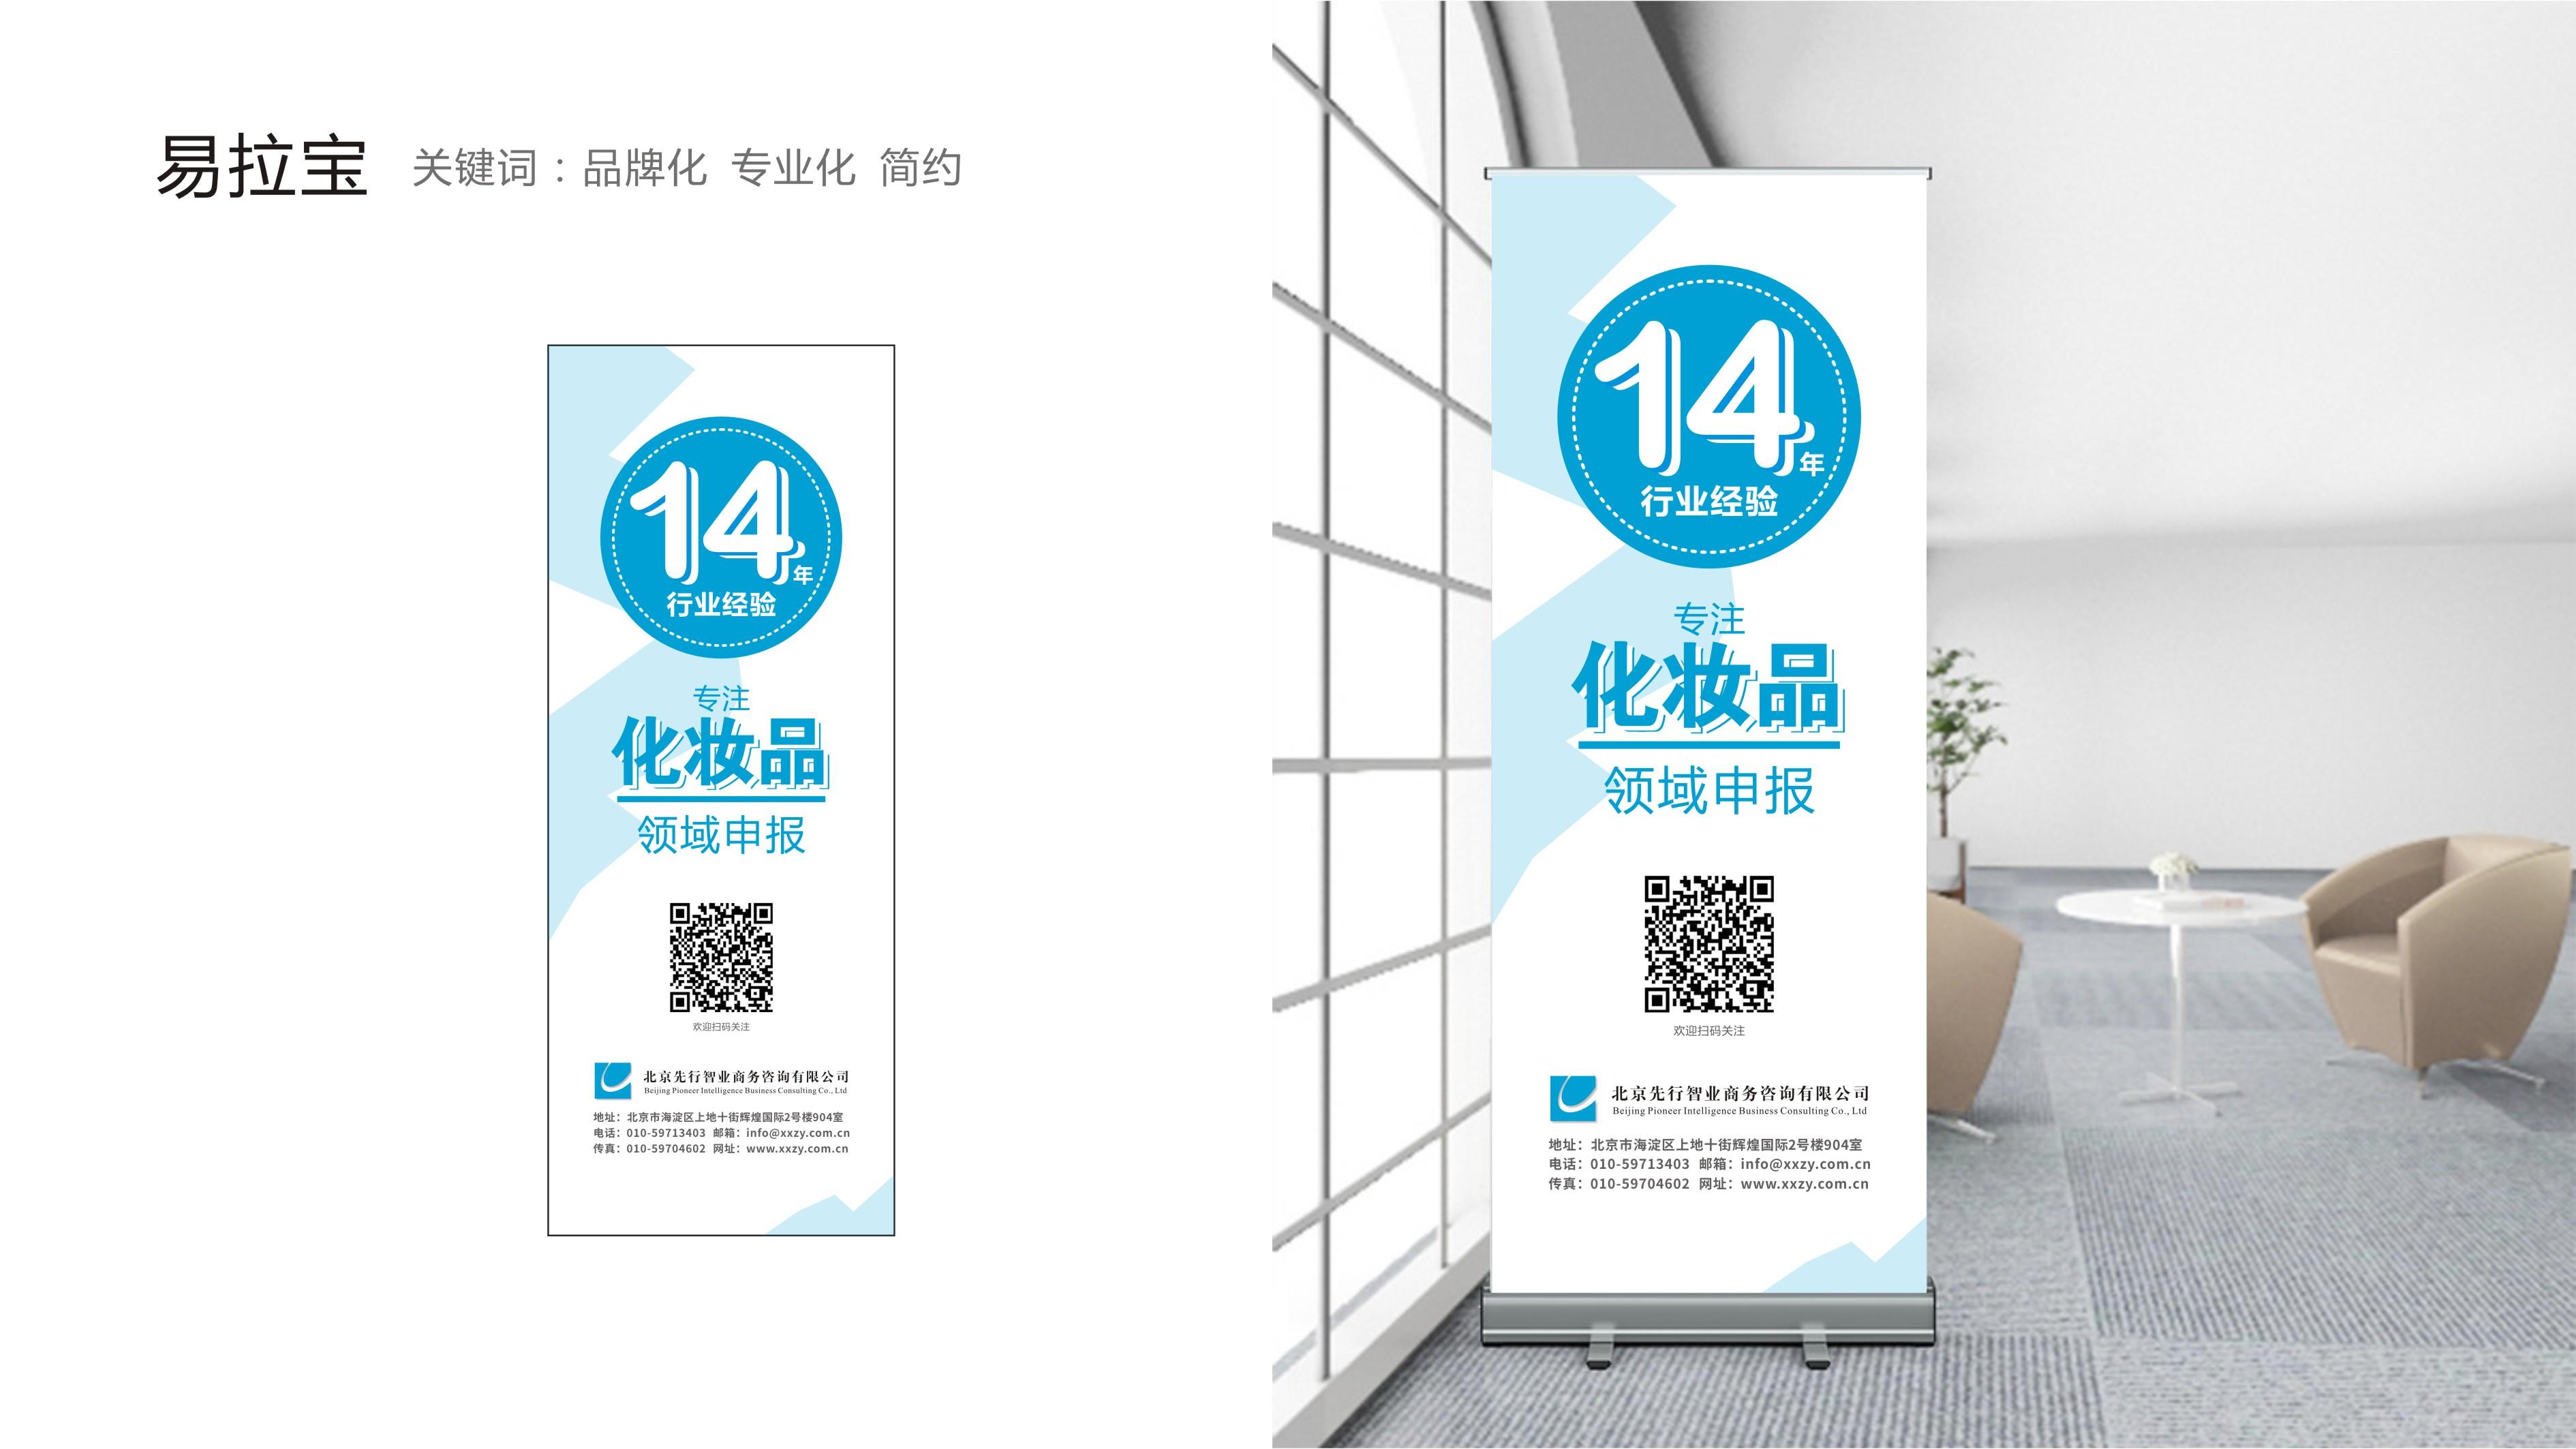 先行智业公司广告单页设计